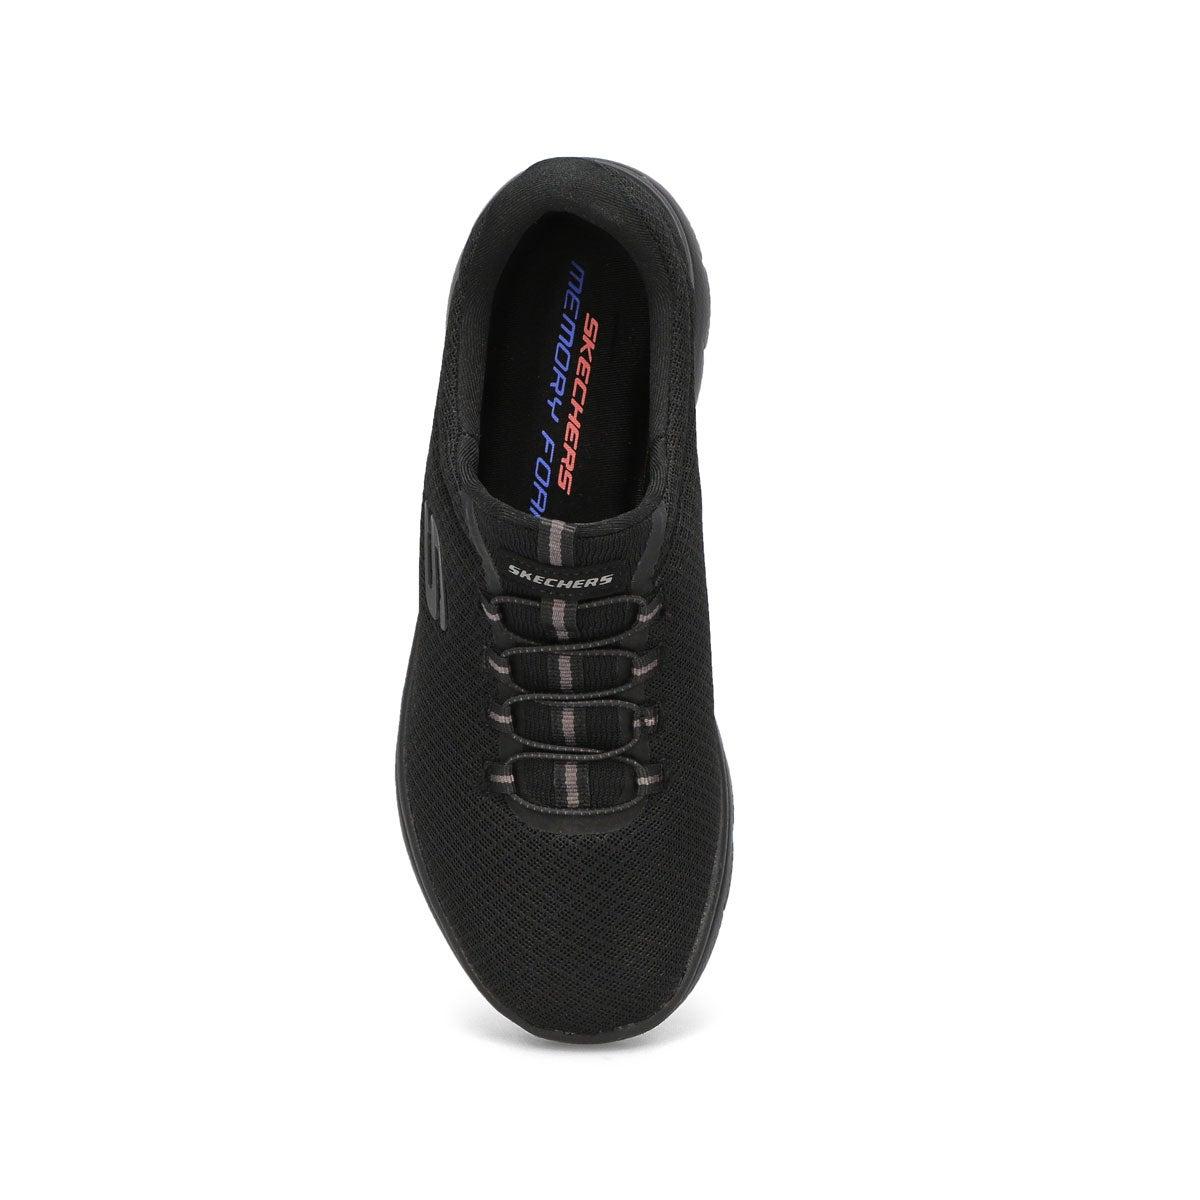 Women's Summits Sneaker - Black